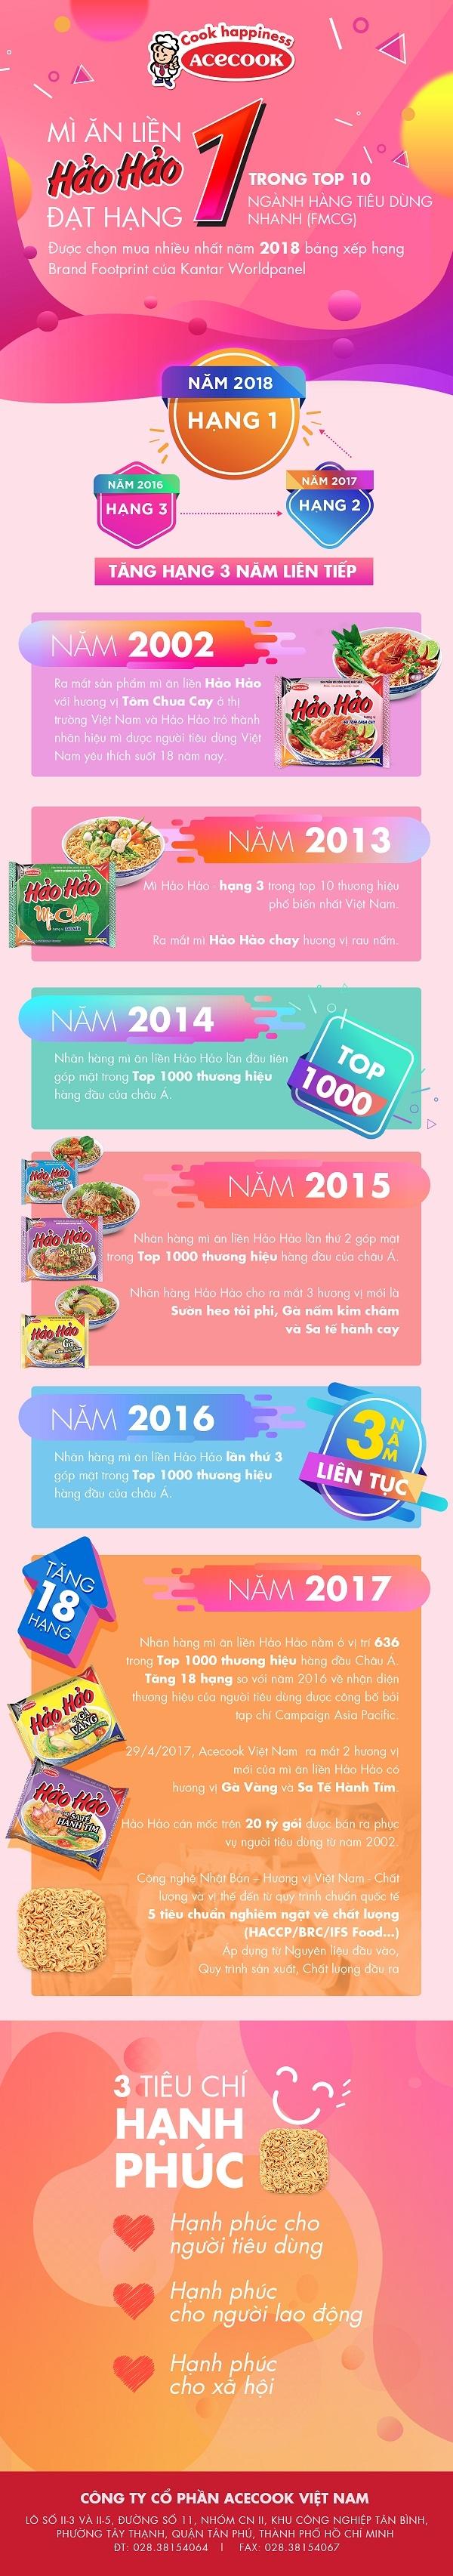 Hao Hao – Thuong hieu mi goi duoc yeu thich nhat tai thanh thi 2018